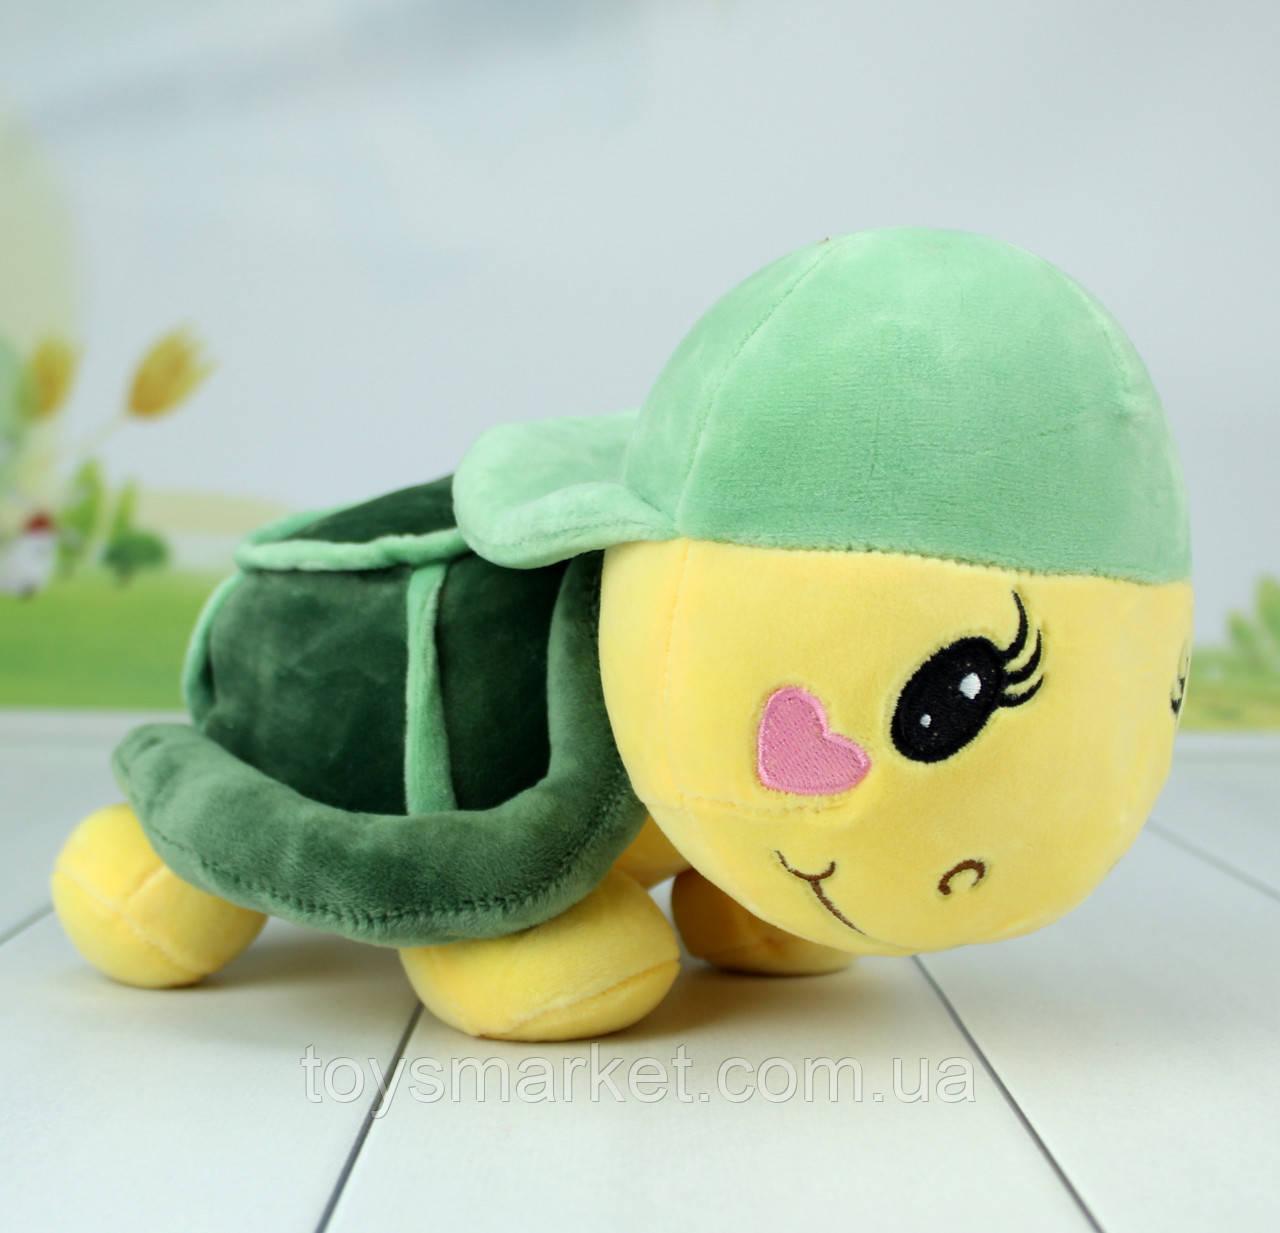 Мягкая игрушка Черепаха, плюшевая черепаха, 30 см.